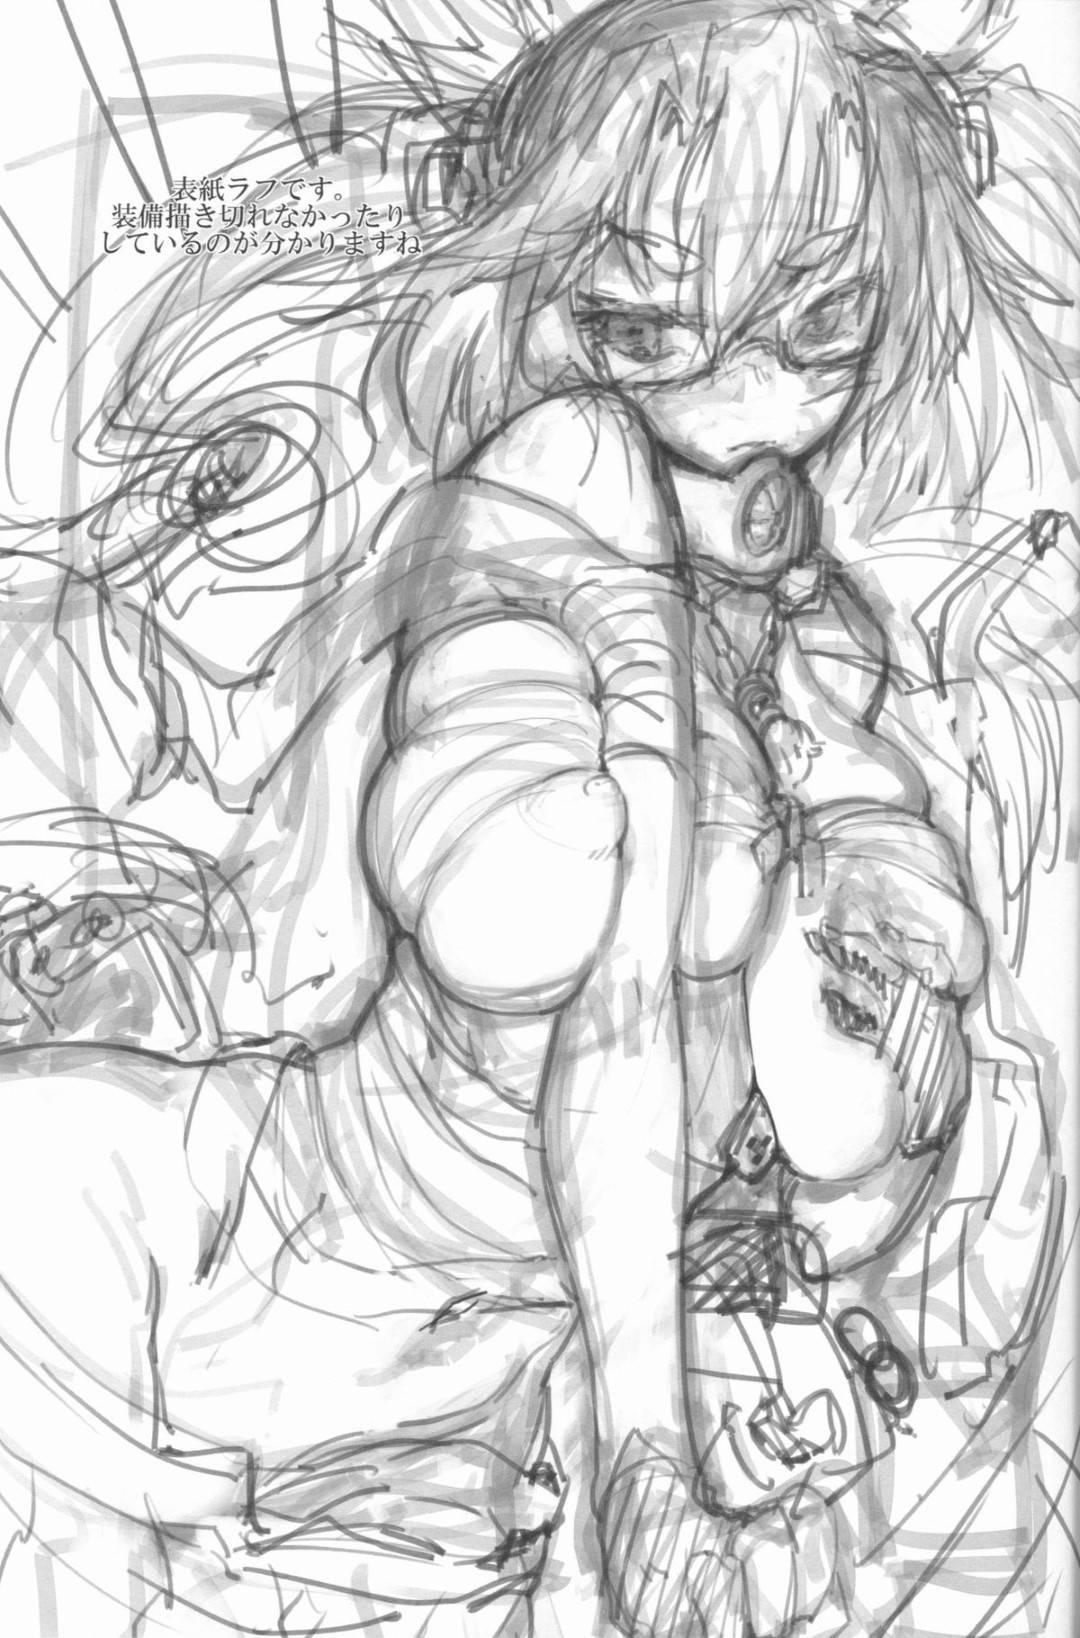 【エロ漫画】奥手な提督をセックスへと誘惑する小悪魔な武蔵。発情状態の彼女は戸惑う彼を強引に押し倒して唇を奪った後、フェラやパイズリで大量ぶっかけ射精させ、更には騎乗位でチンポを生挿入させる。